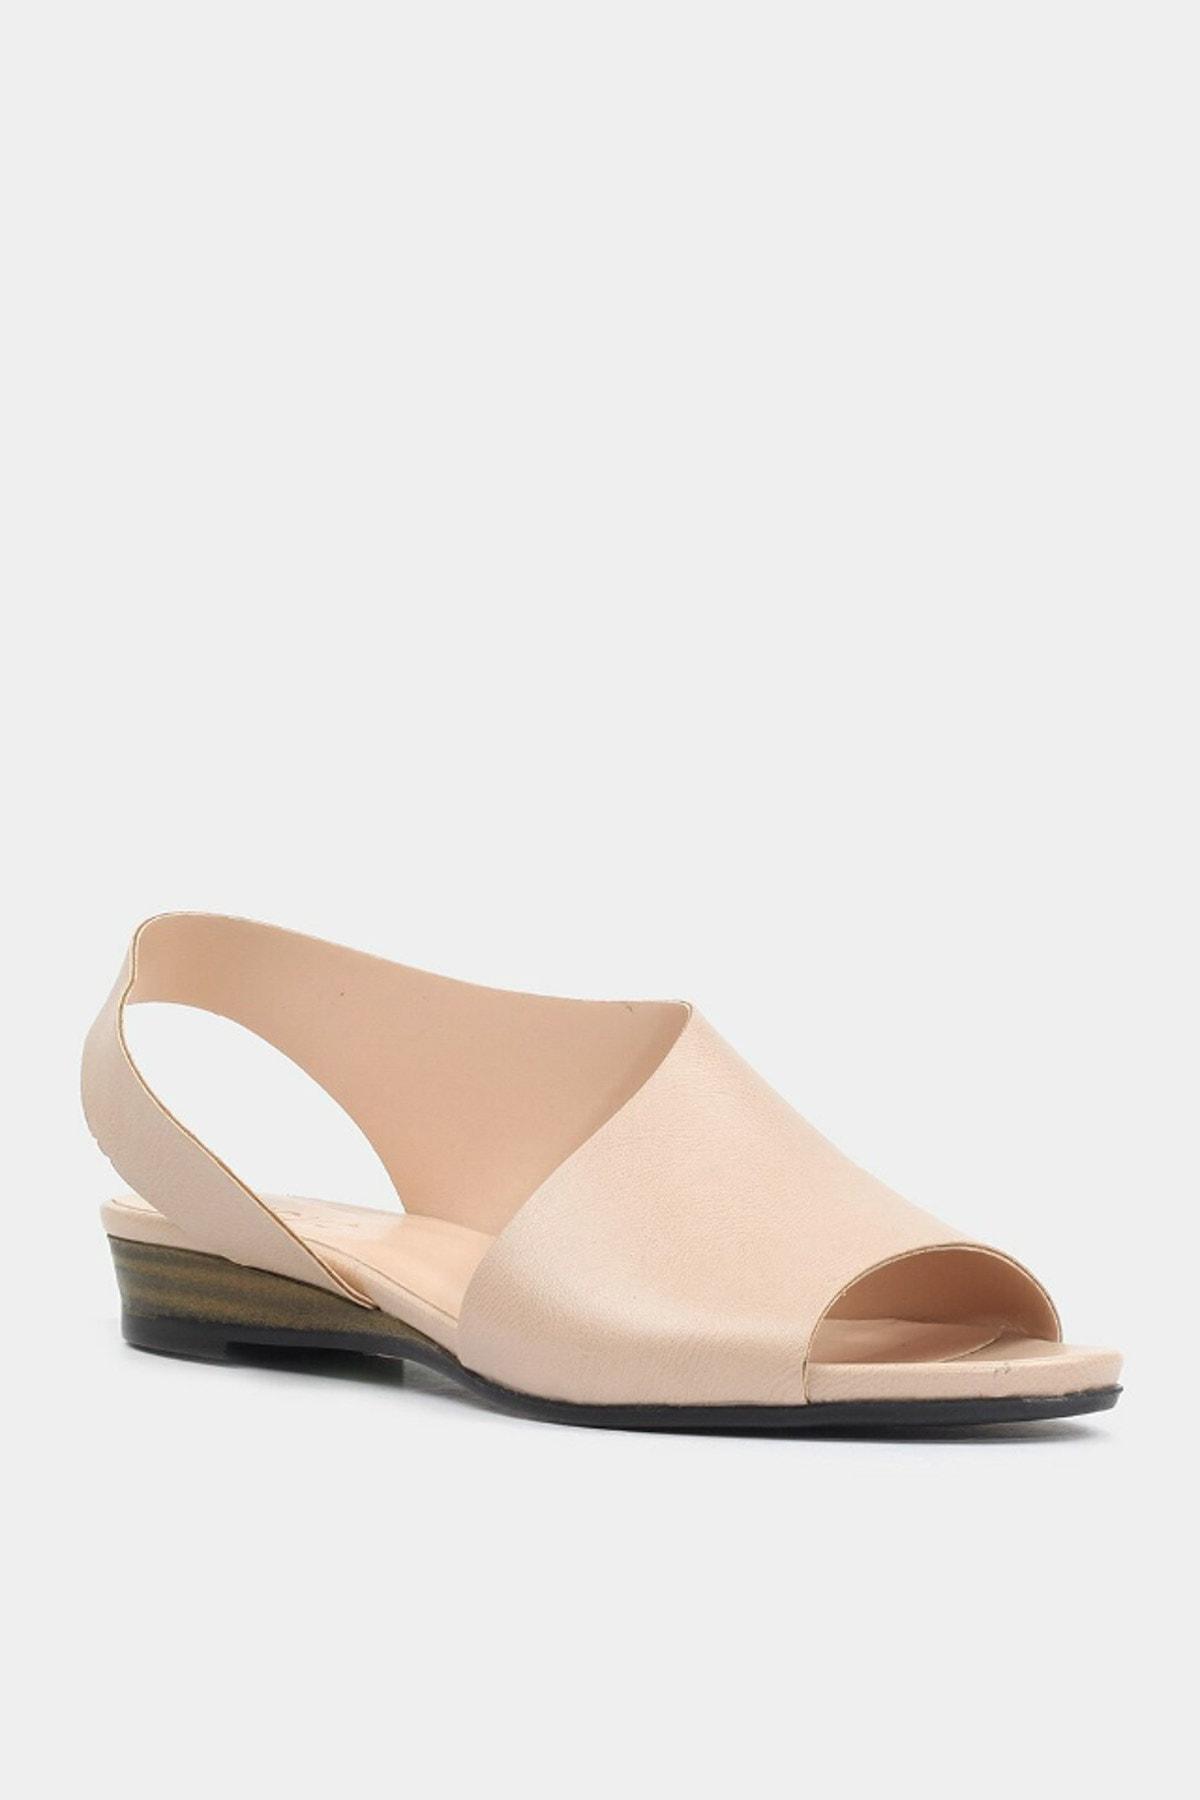 Hotiç Kemik Kadın Düz Sandalet 2